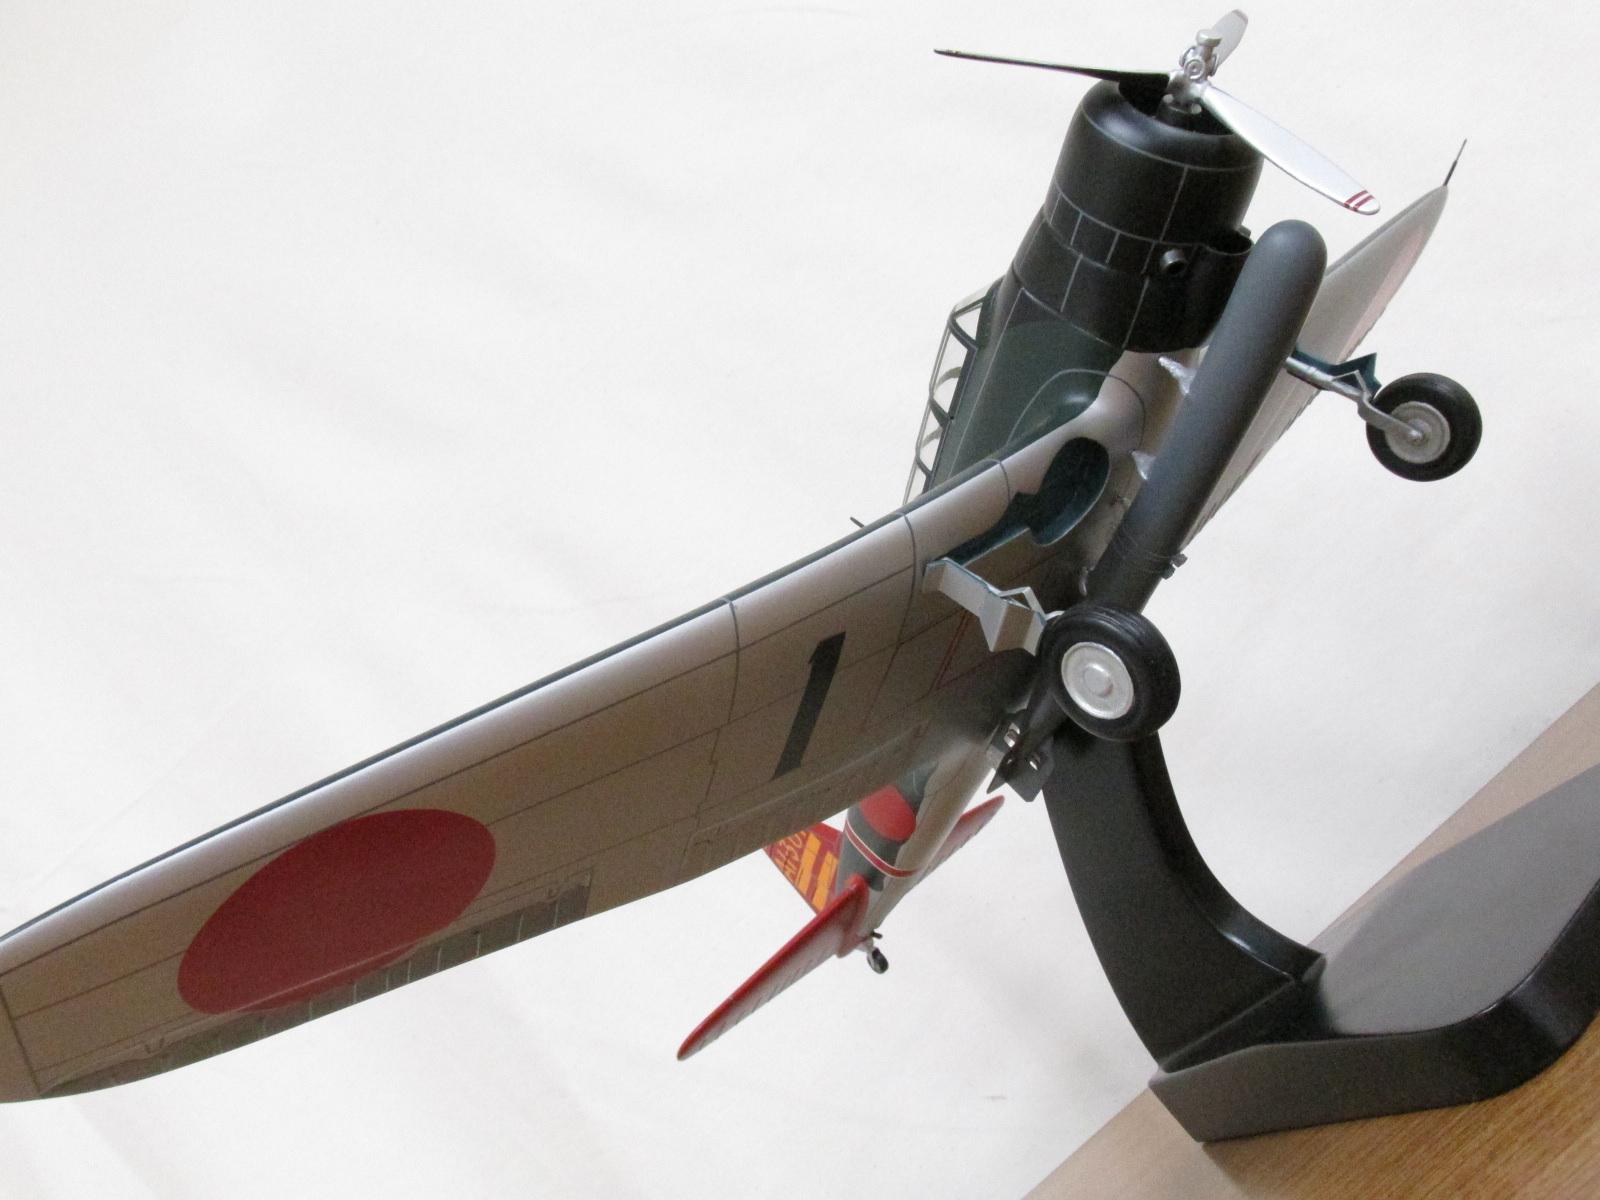 ウイングクラブ 1/32スケール デスクトップモデル   97式艦上攻撃機